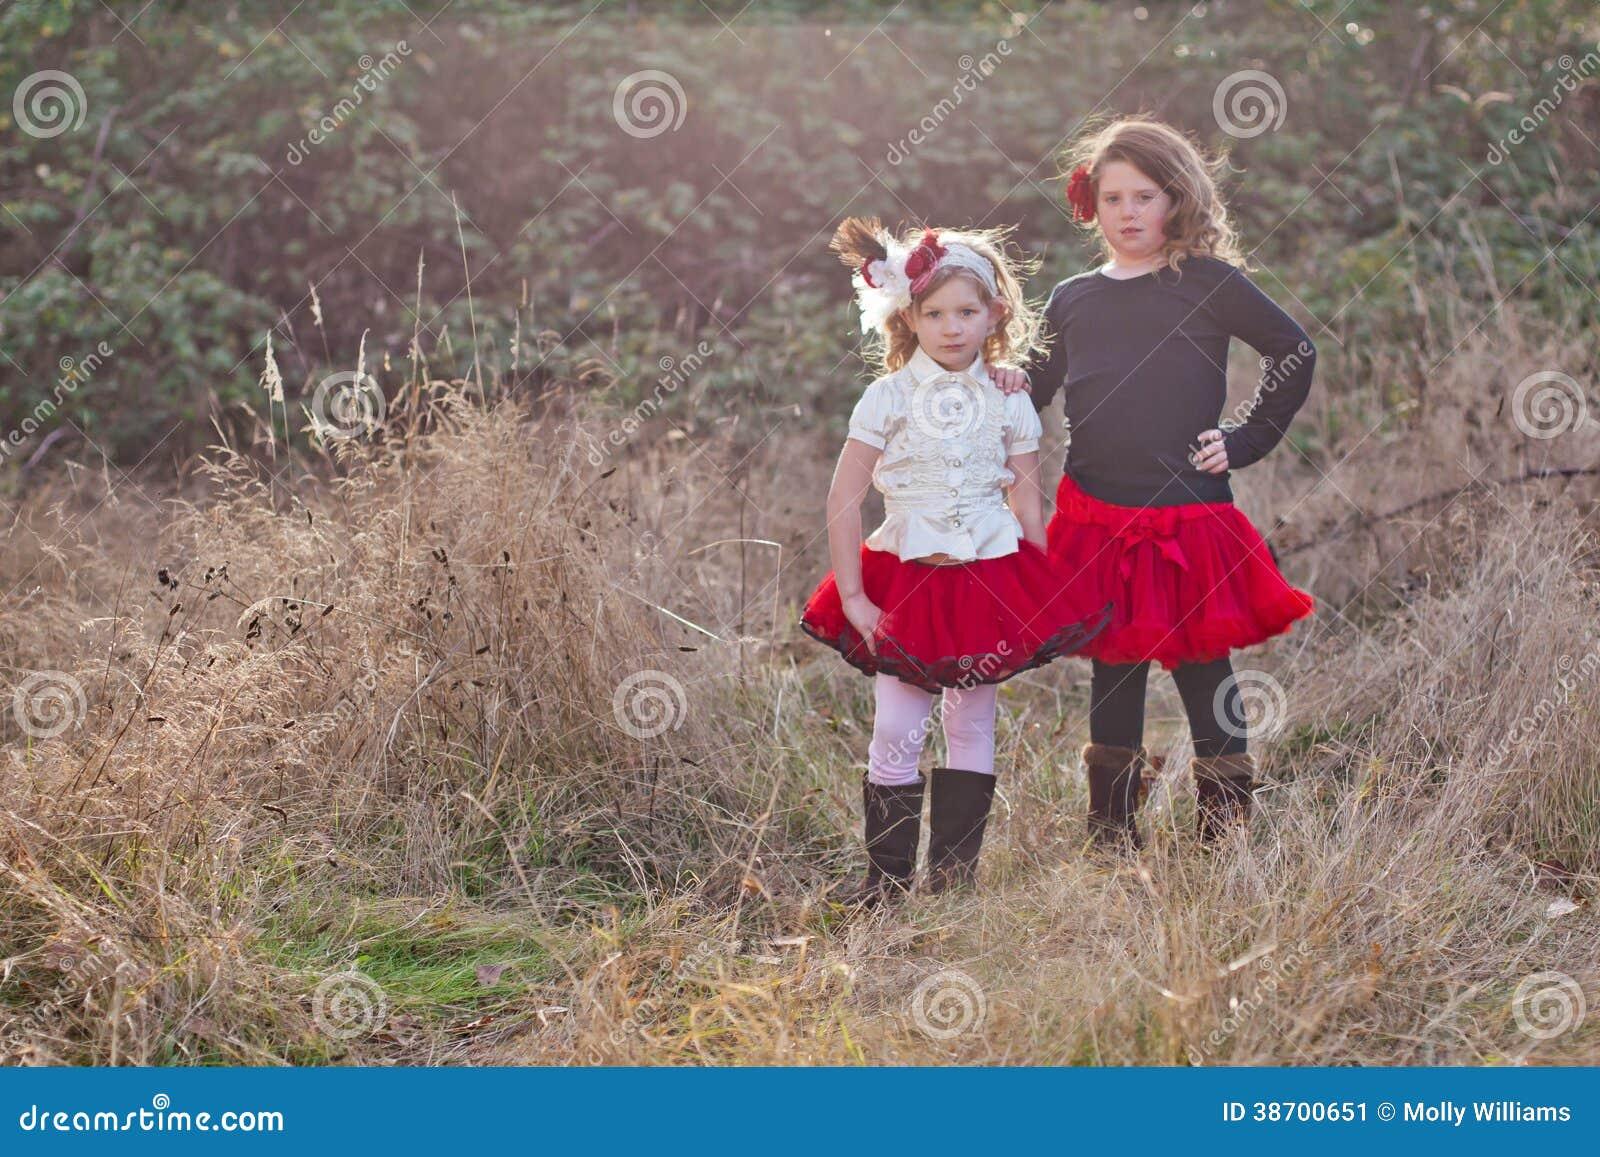 Deux Petites Filles Posant Dans La Campagne Image Stock Image Du Cheveu Rester 38700651